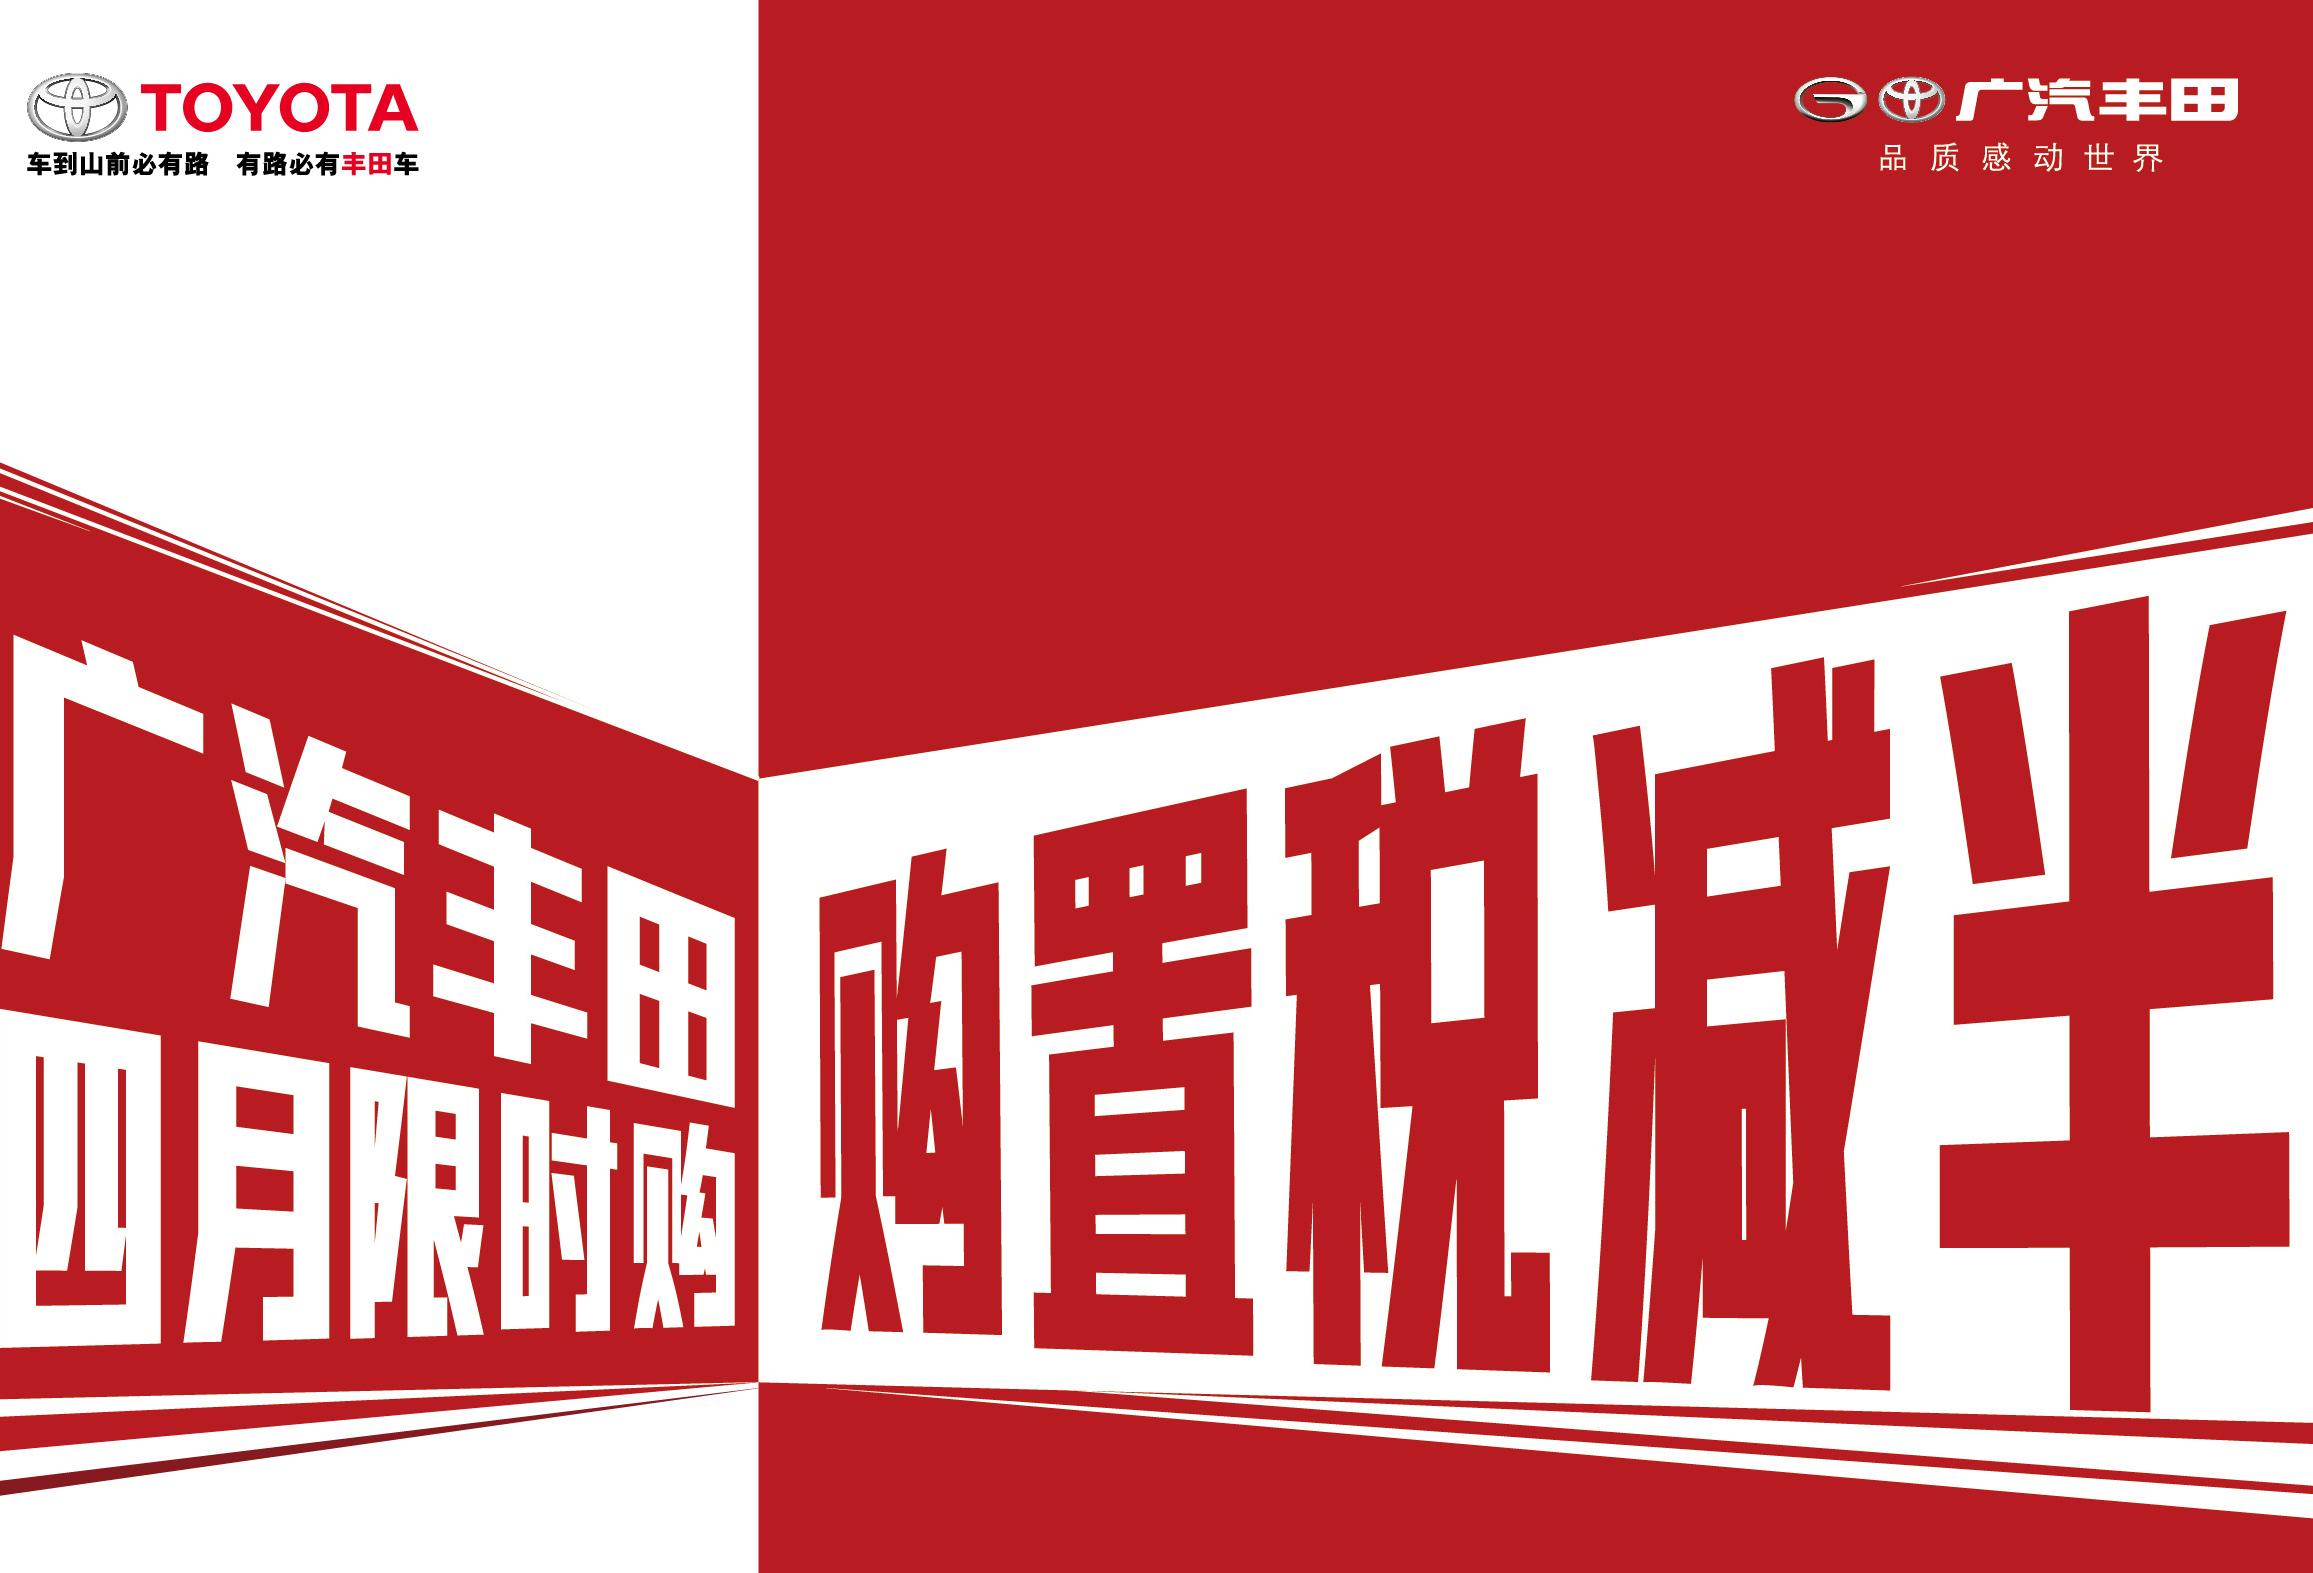 溢源丰田四月限时购,购置税减半!